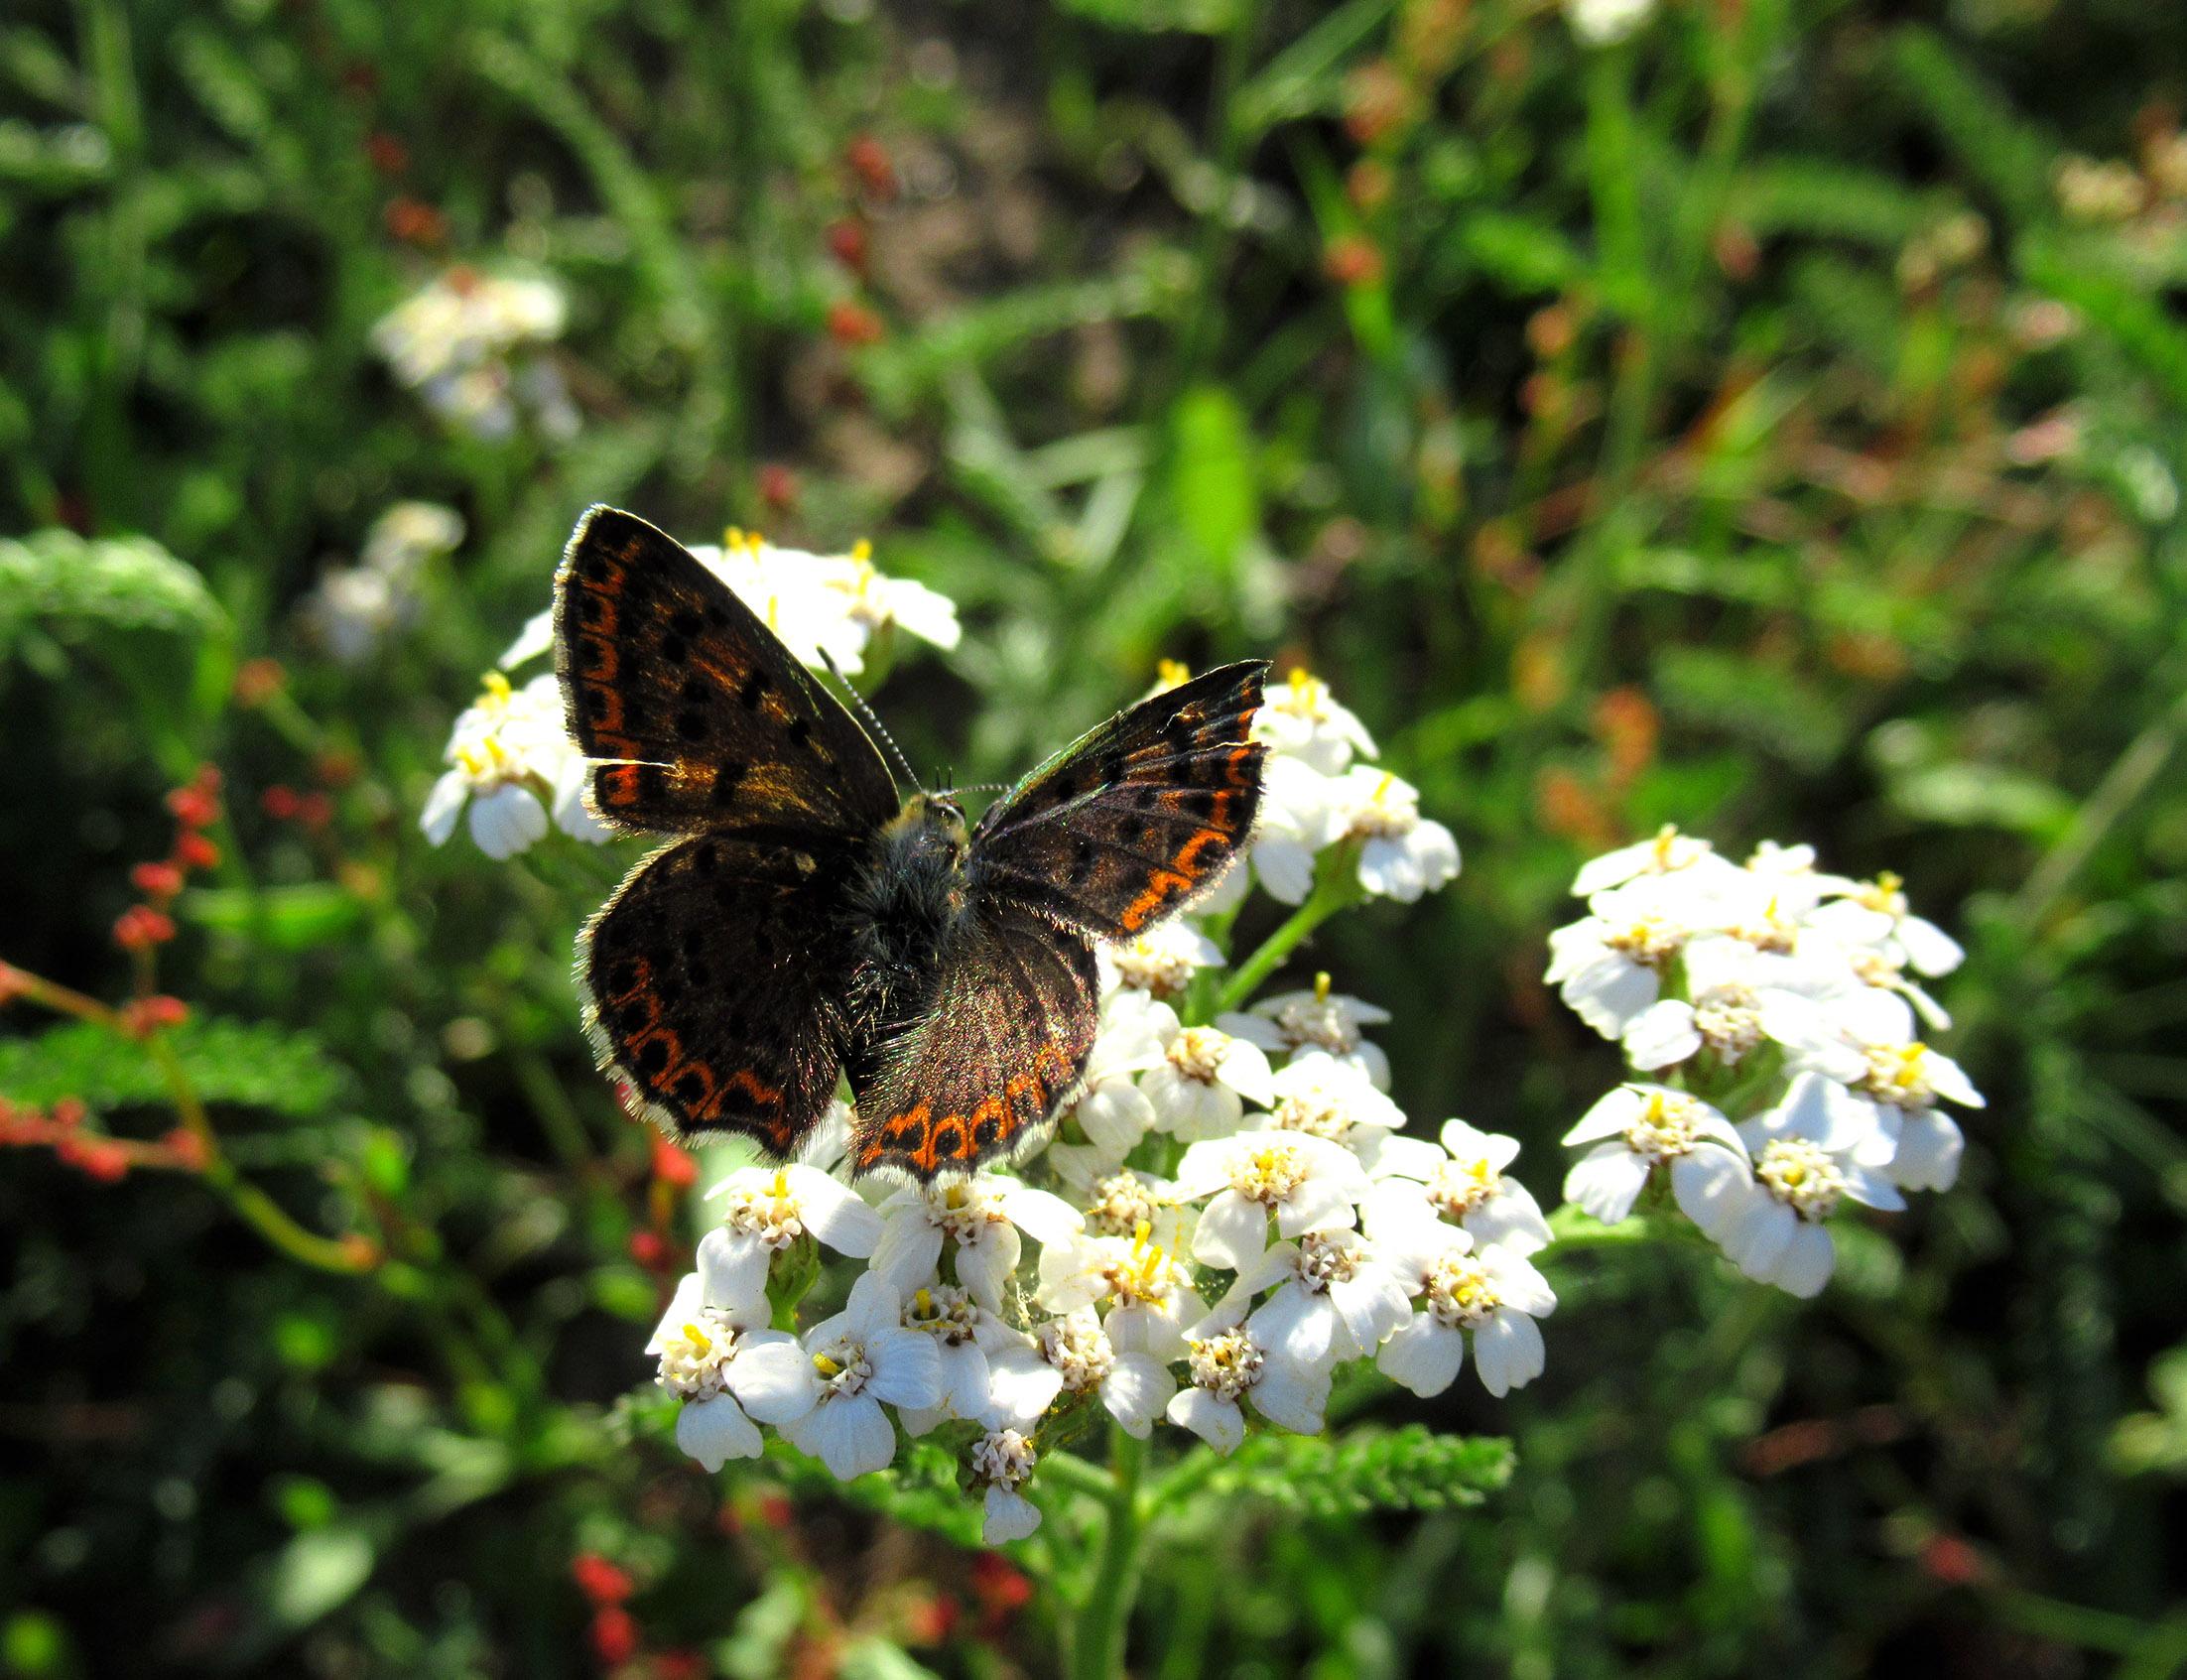 Kleine vuurvlinder is druk bezig om nectar te verzamelen - Foto: ©Fransien Fraanje